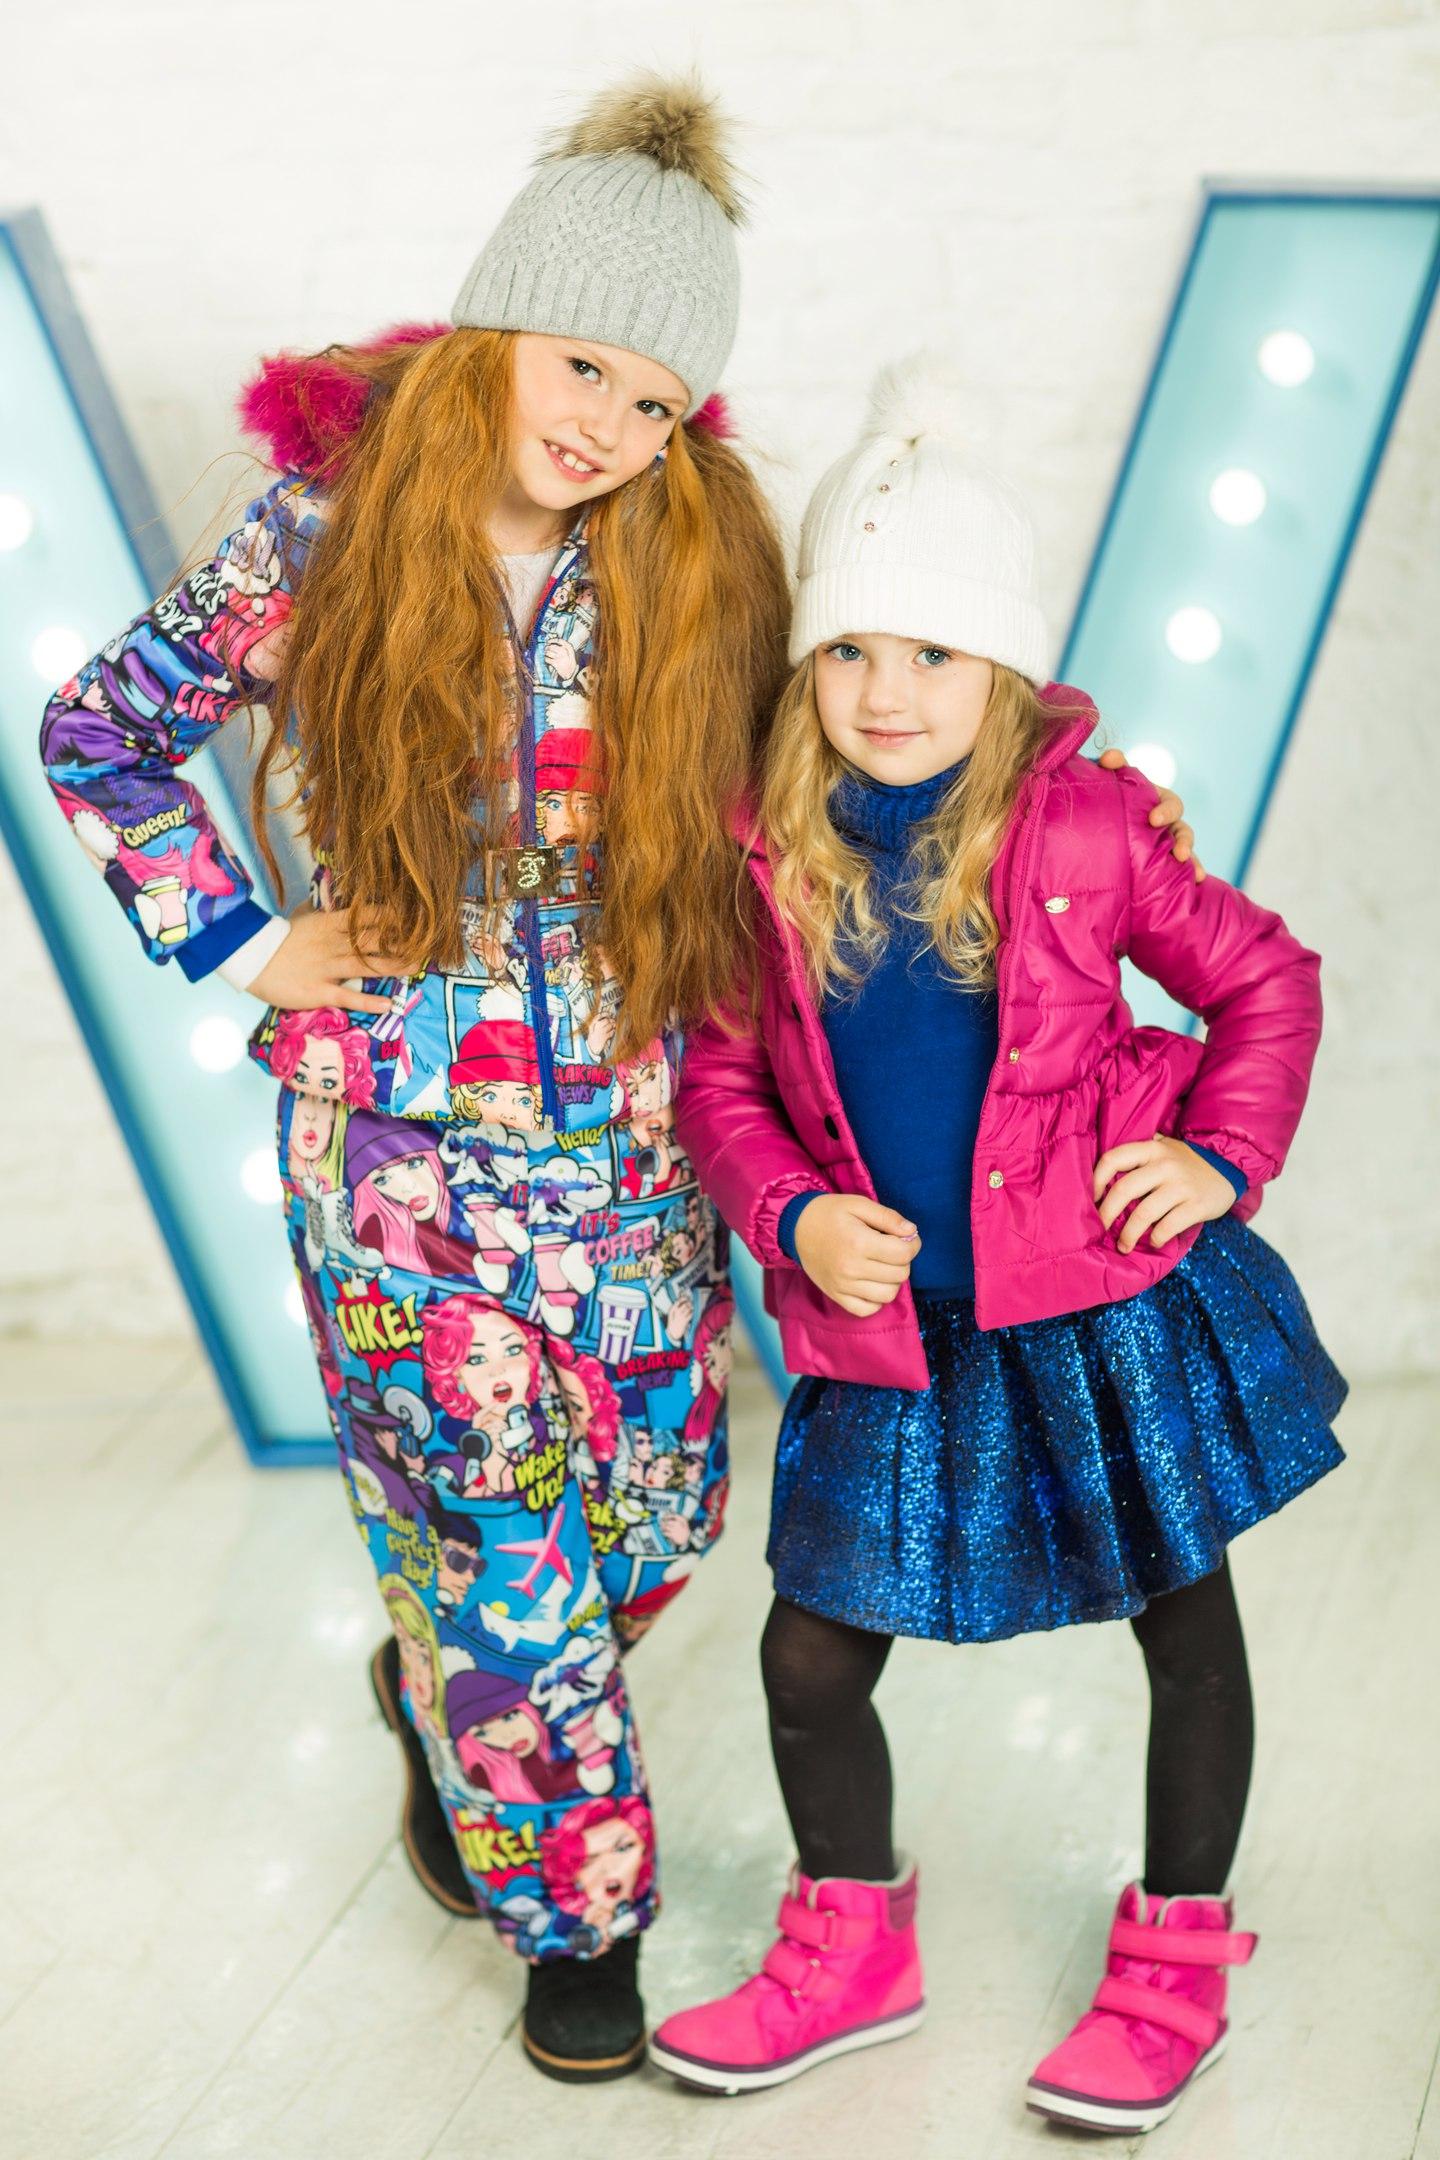 Sтильняshка - детская дизайнерская одежда российского производства-4